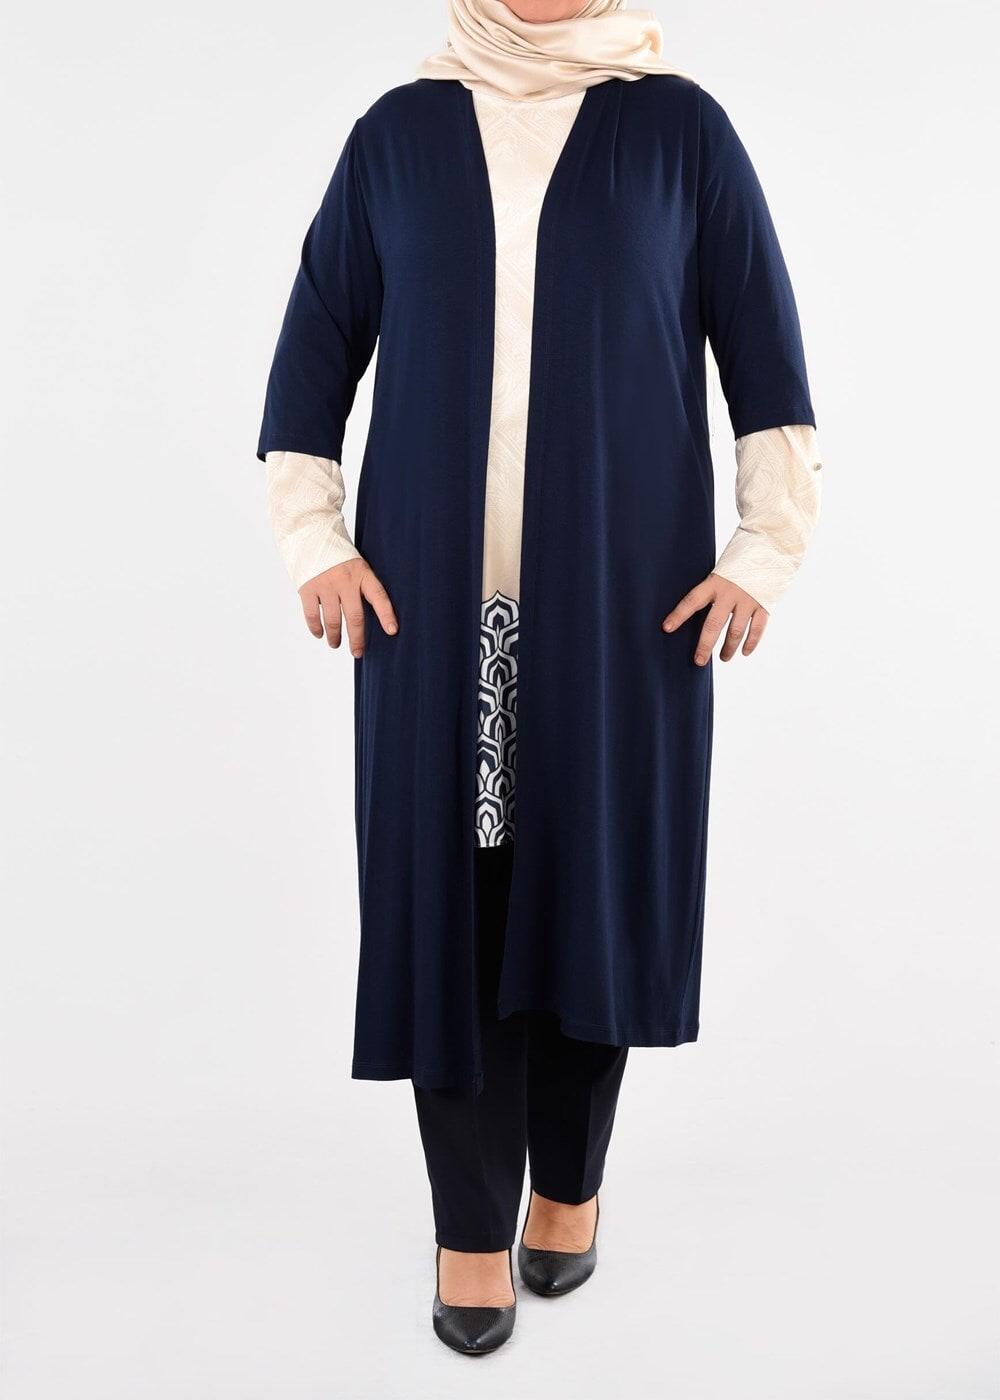 Femelle BEIGE T 4446 Burble 11322 2′li Tunik-Alv Fashion